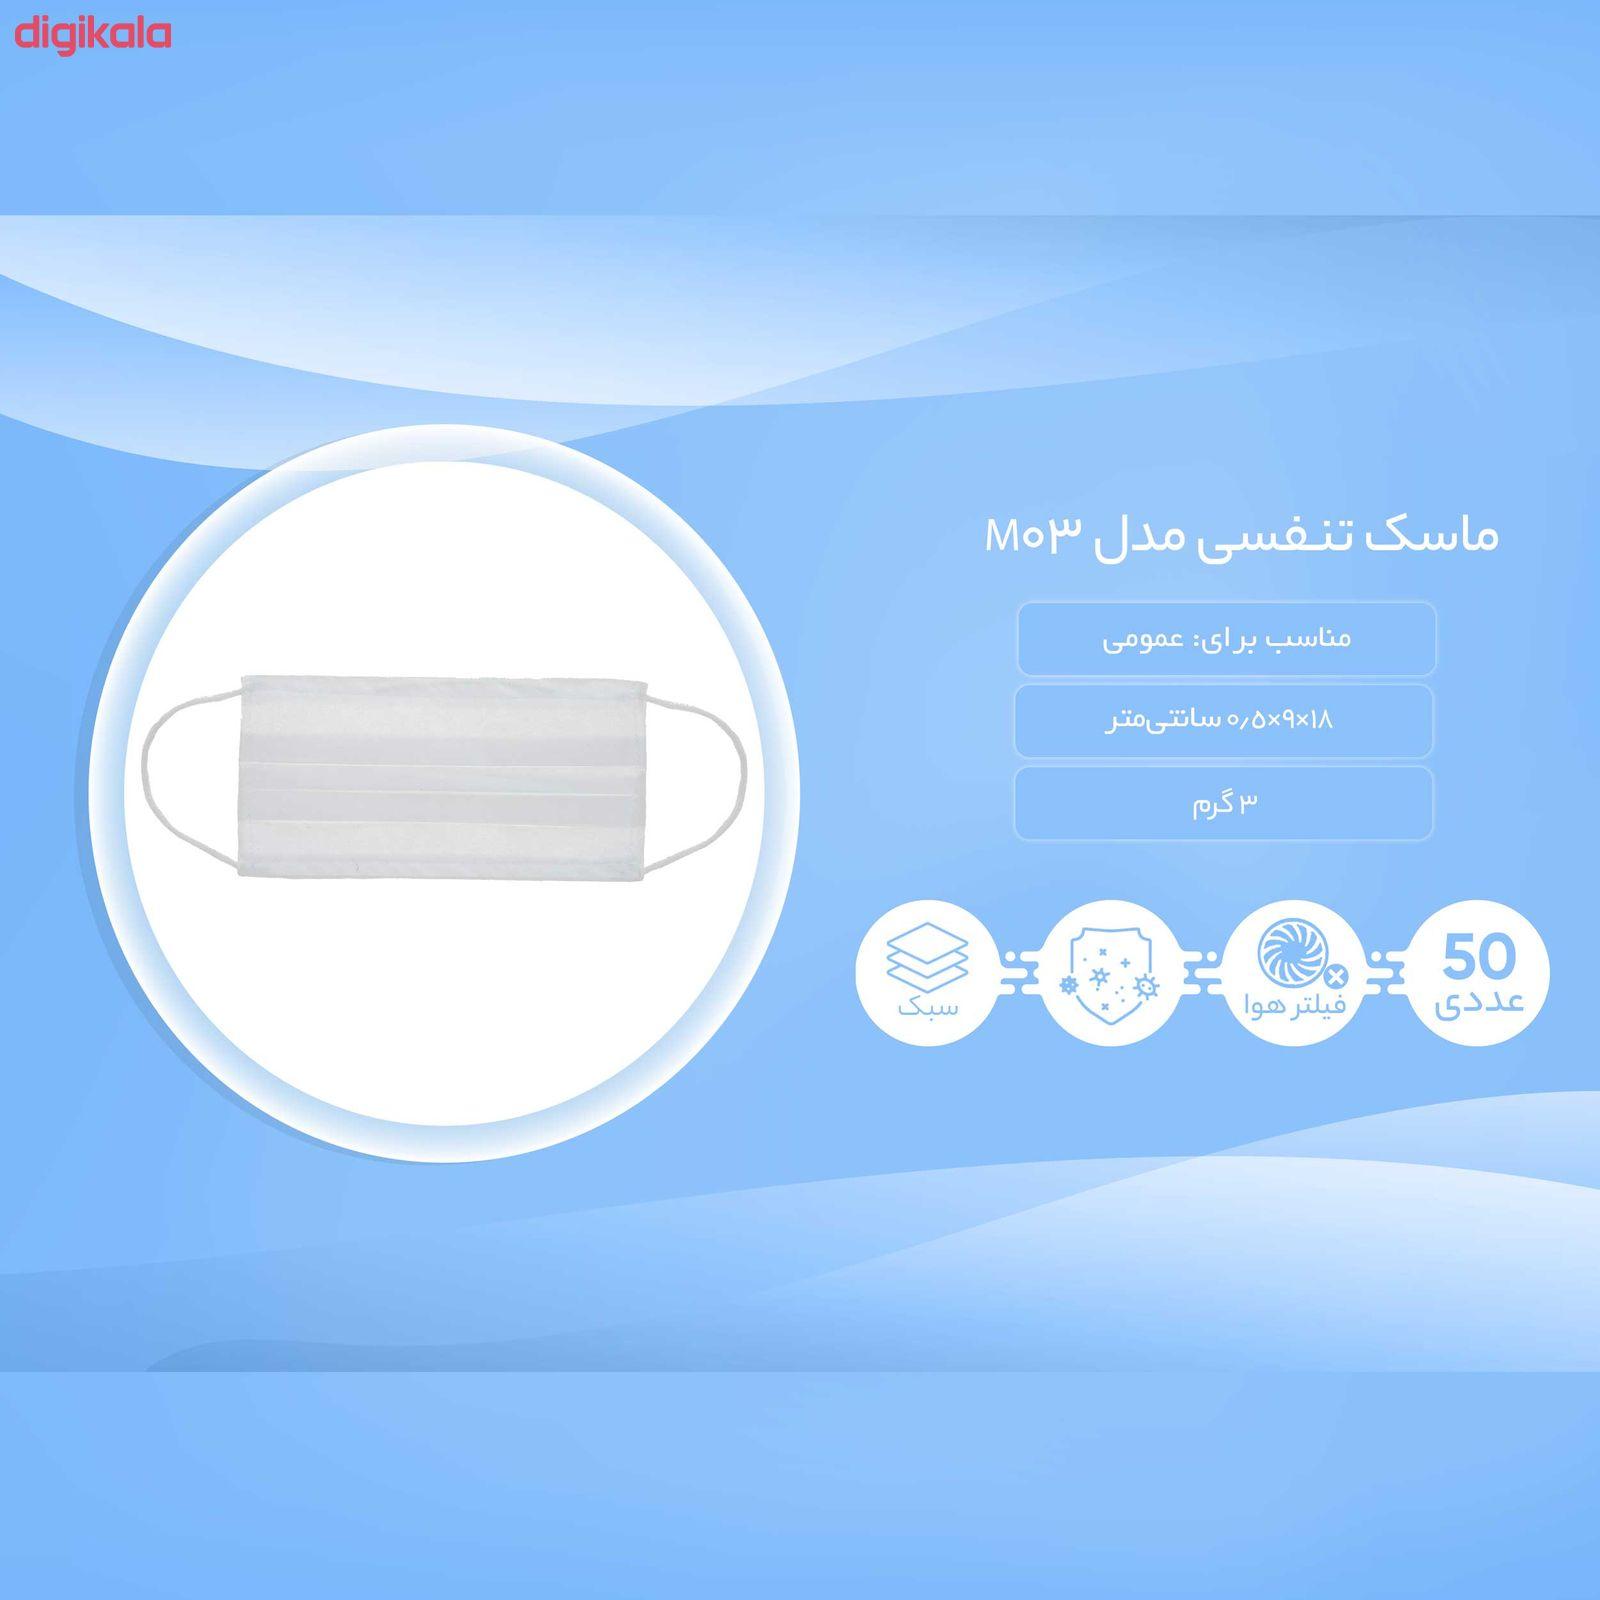 ماسک تنفسی مدل M03 بسته 50 عددی main 1 7